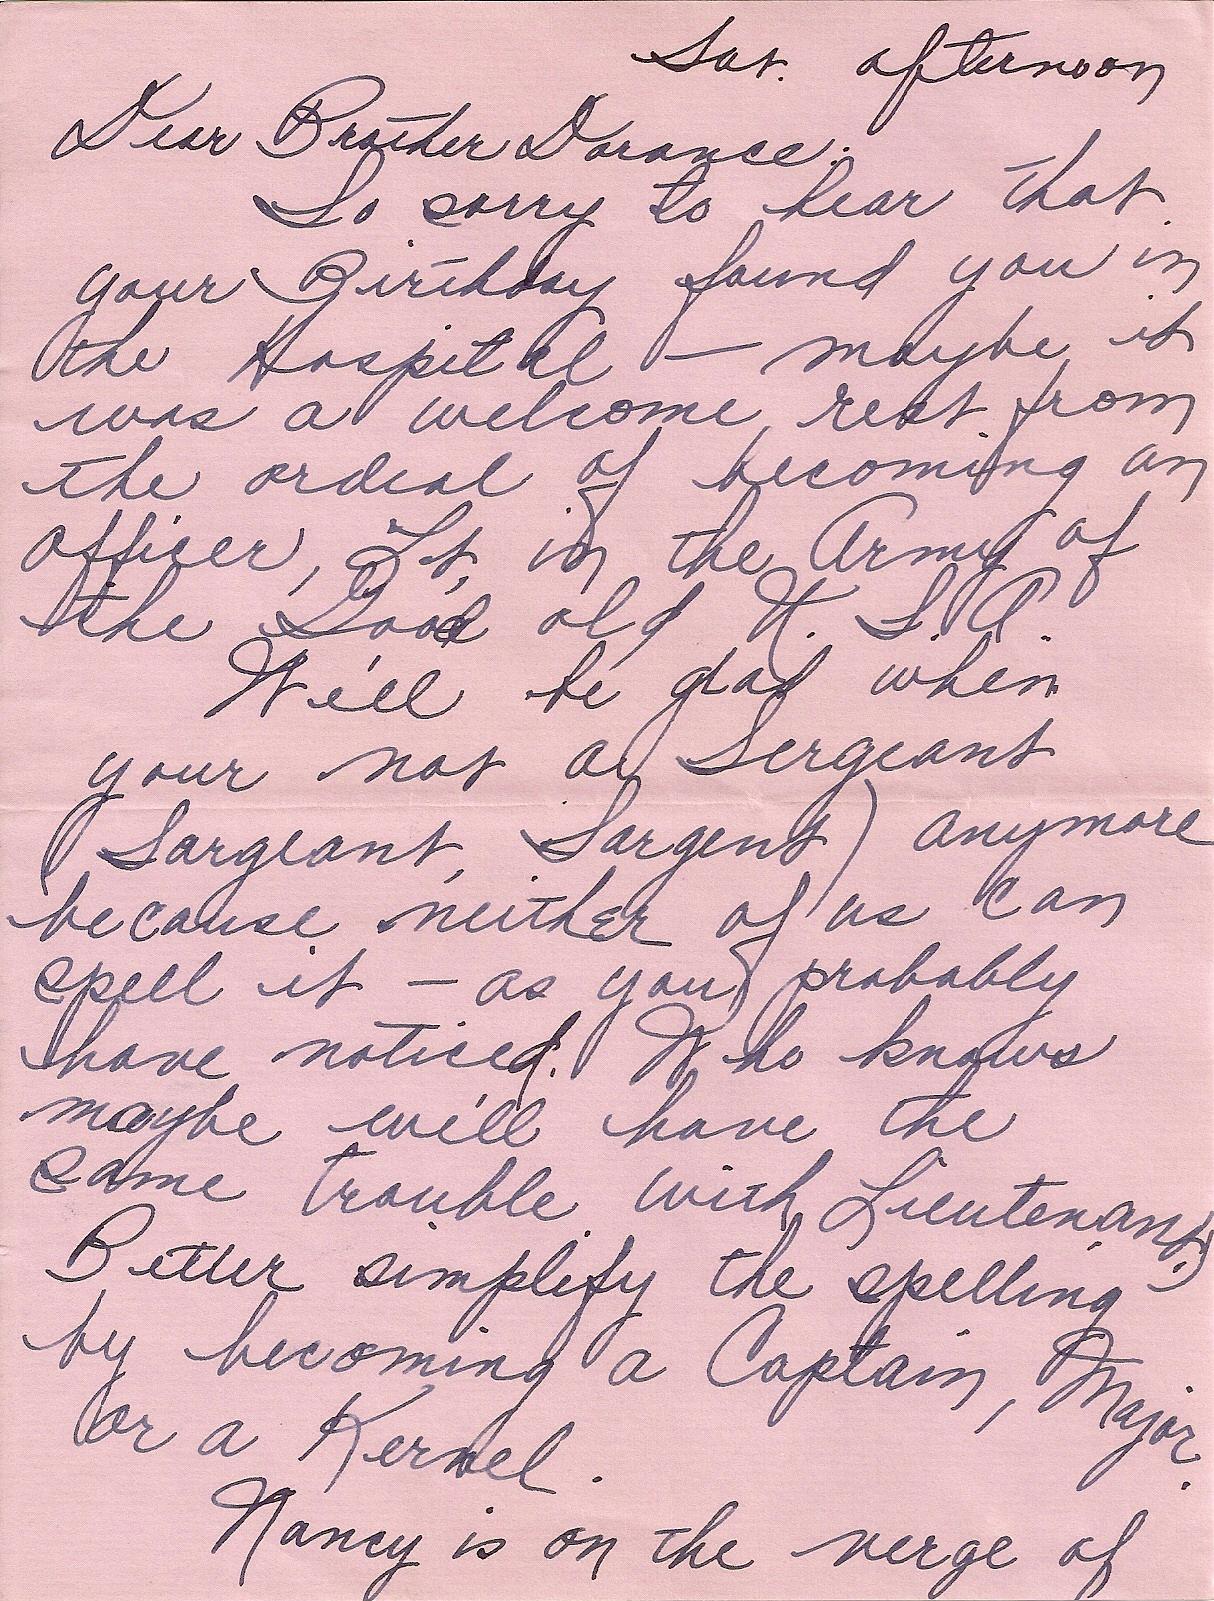 3.6.1943DJb.jpg